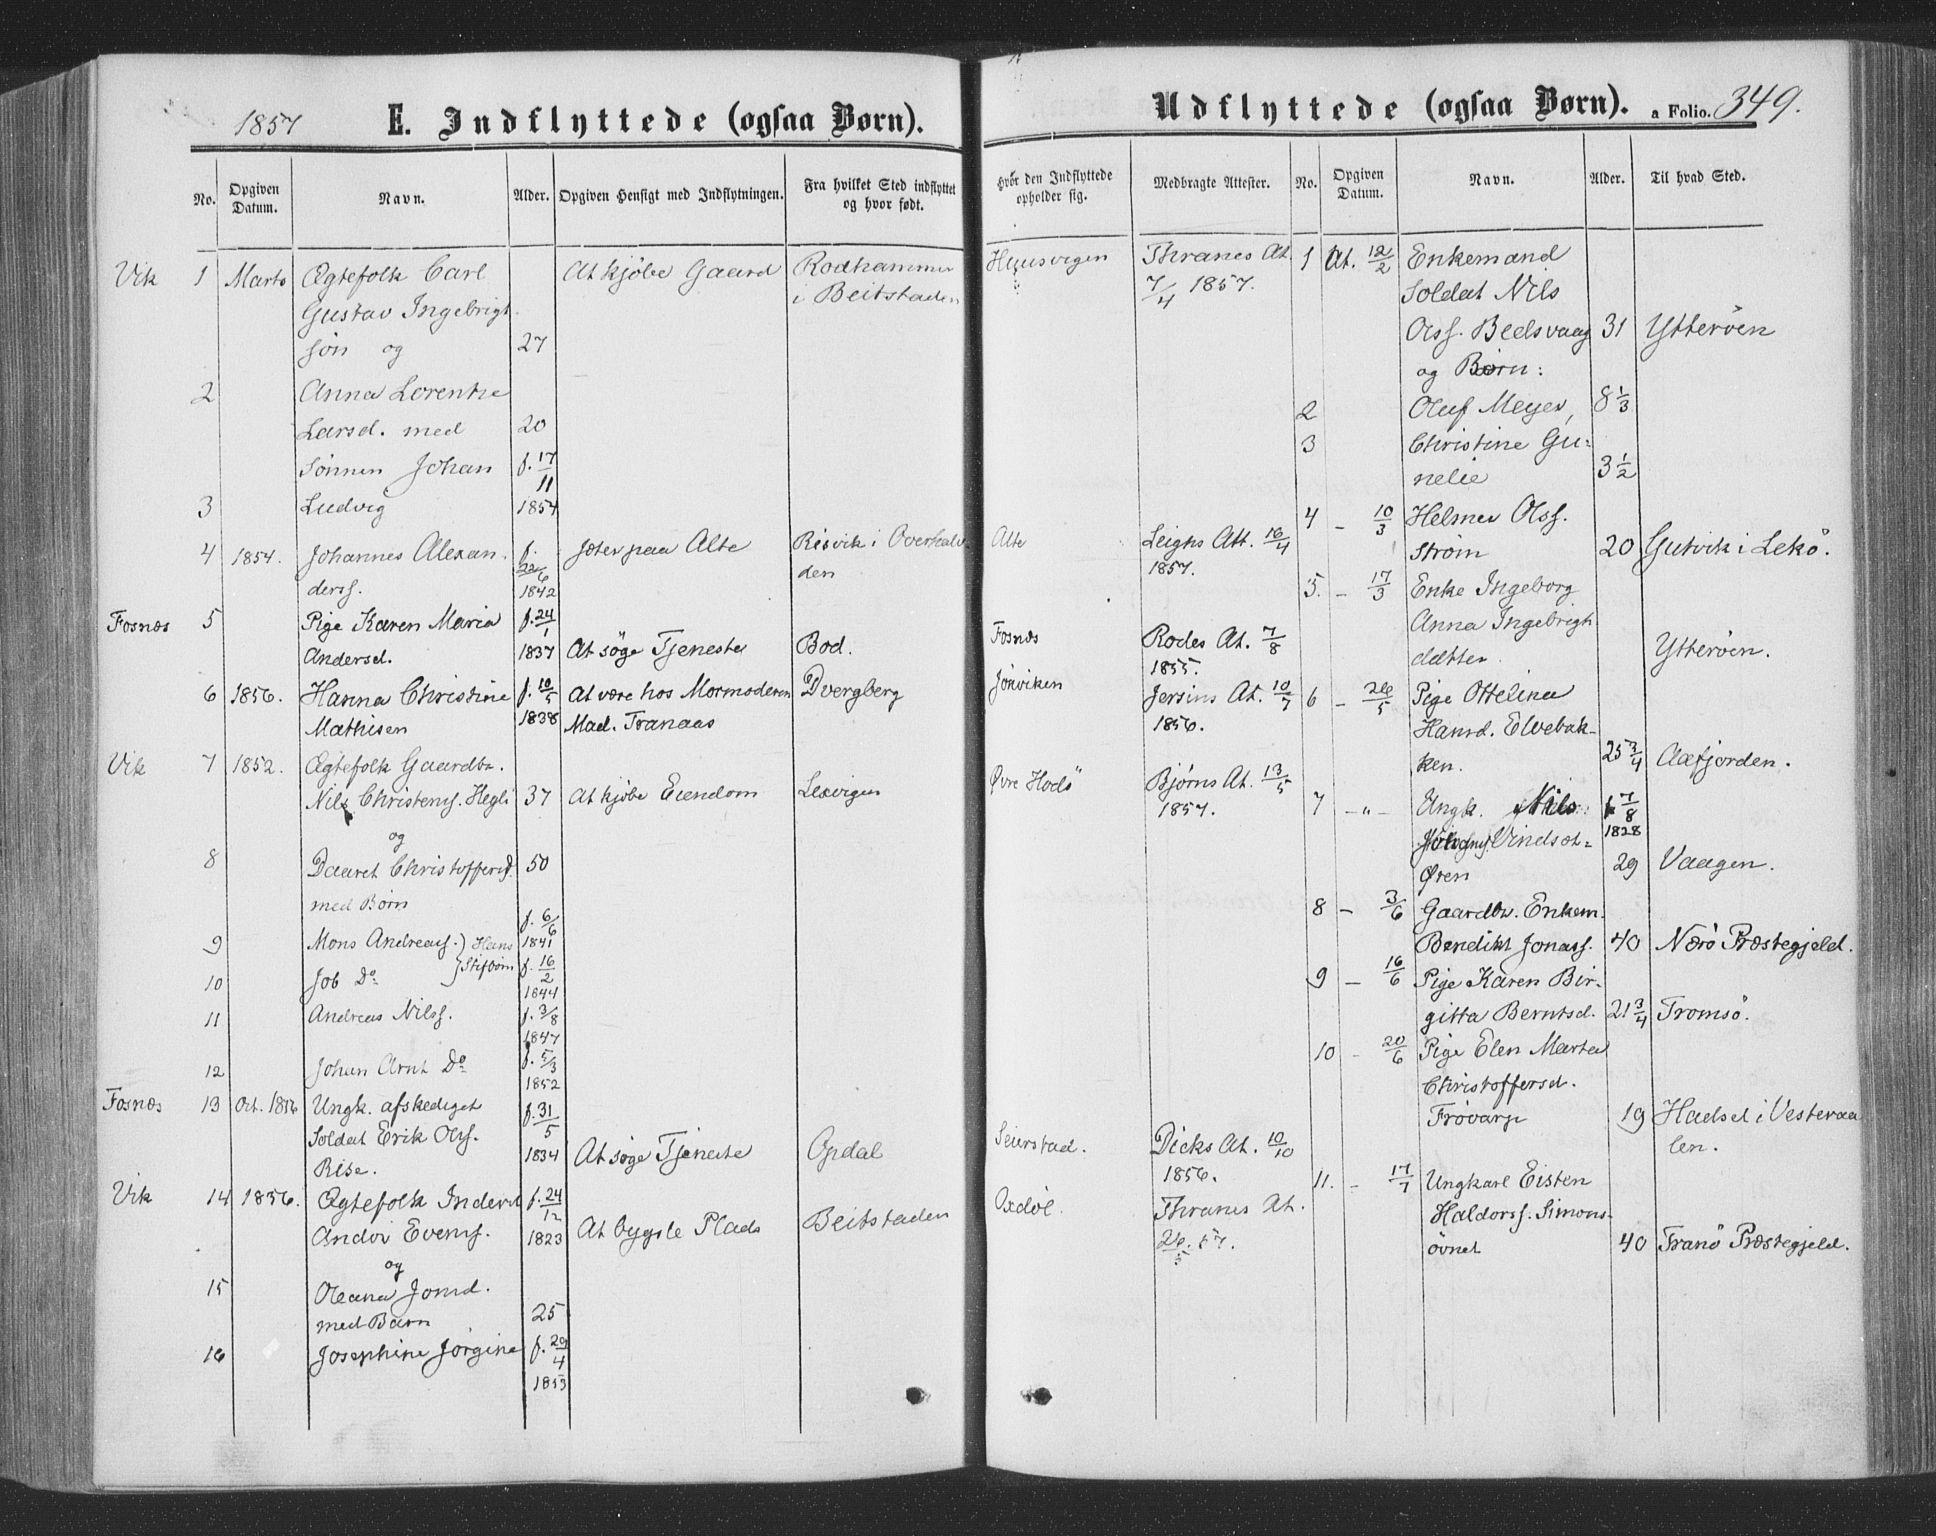 SAT, Ministerialprotokoller, klokkerbøker og fødselsregistre - Nord-Trøndelag, 773/L0615: Ministerialbok nr. 773A06, 1857-1870, s. 349